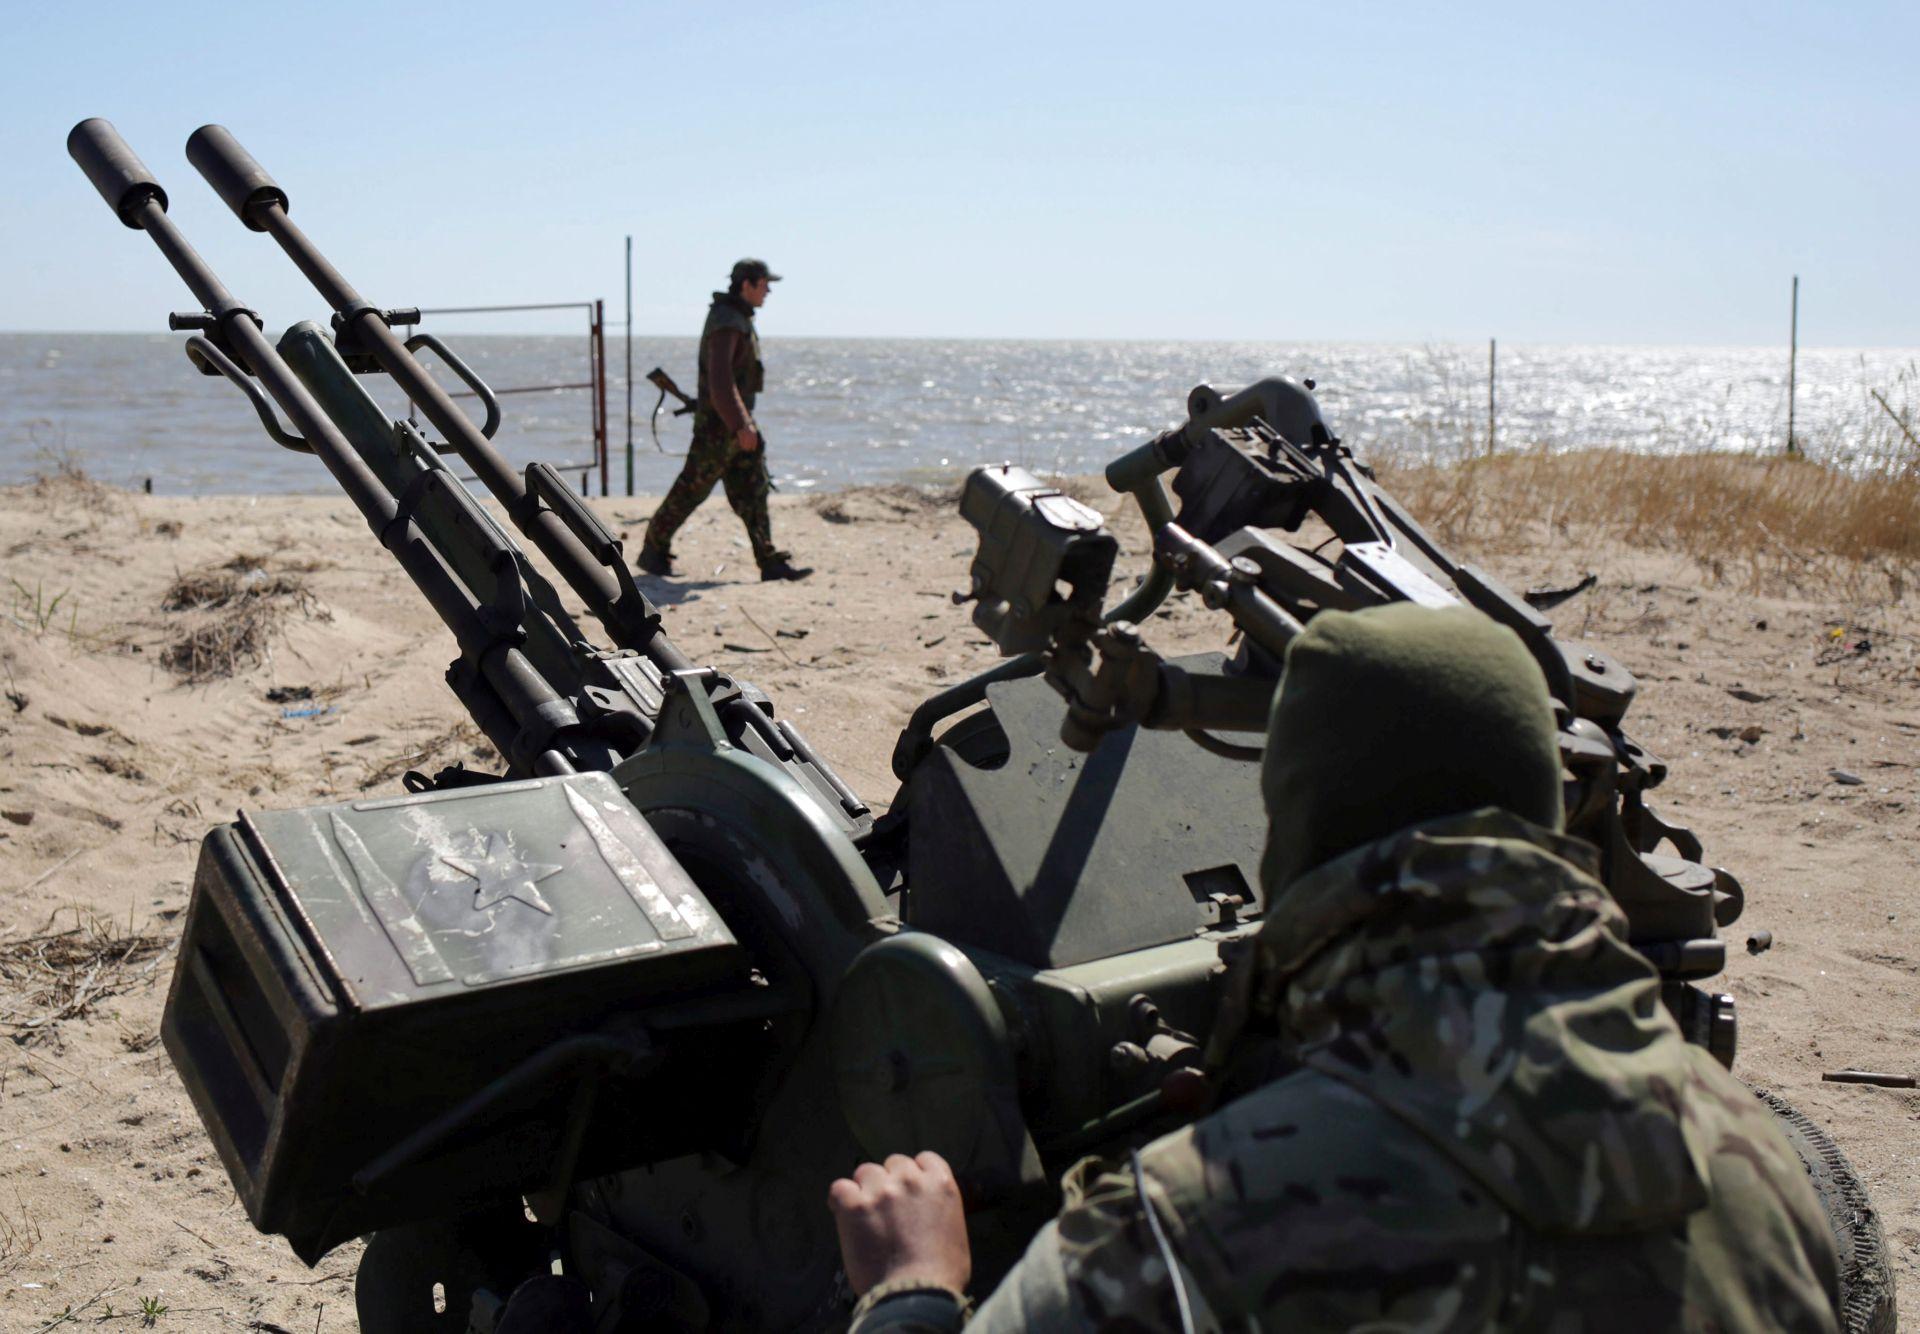 VELIK BROJ ŽRTAVA: Kijev i Moskva međusobno se optužuju za porast sukoba